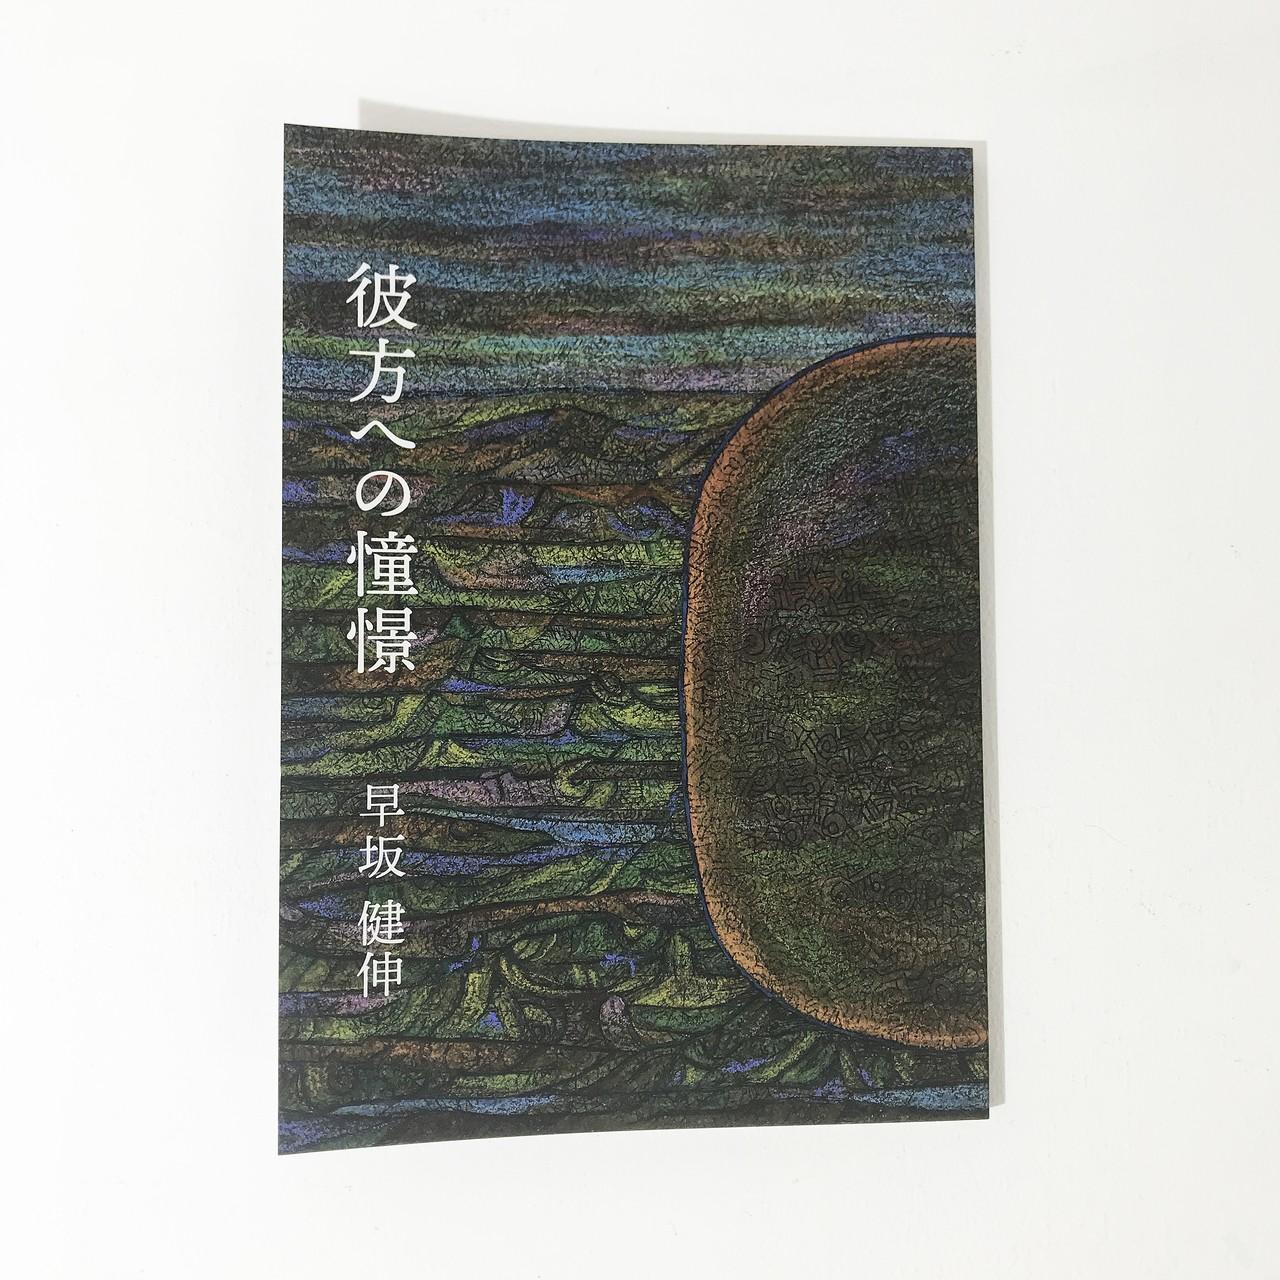 早坂健伸著『彼方への憧憬』+フォトシートセット